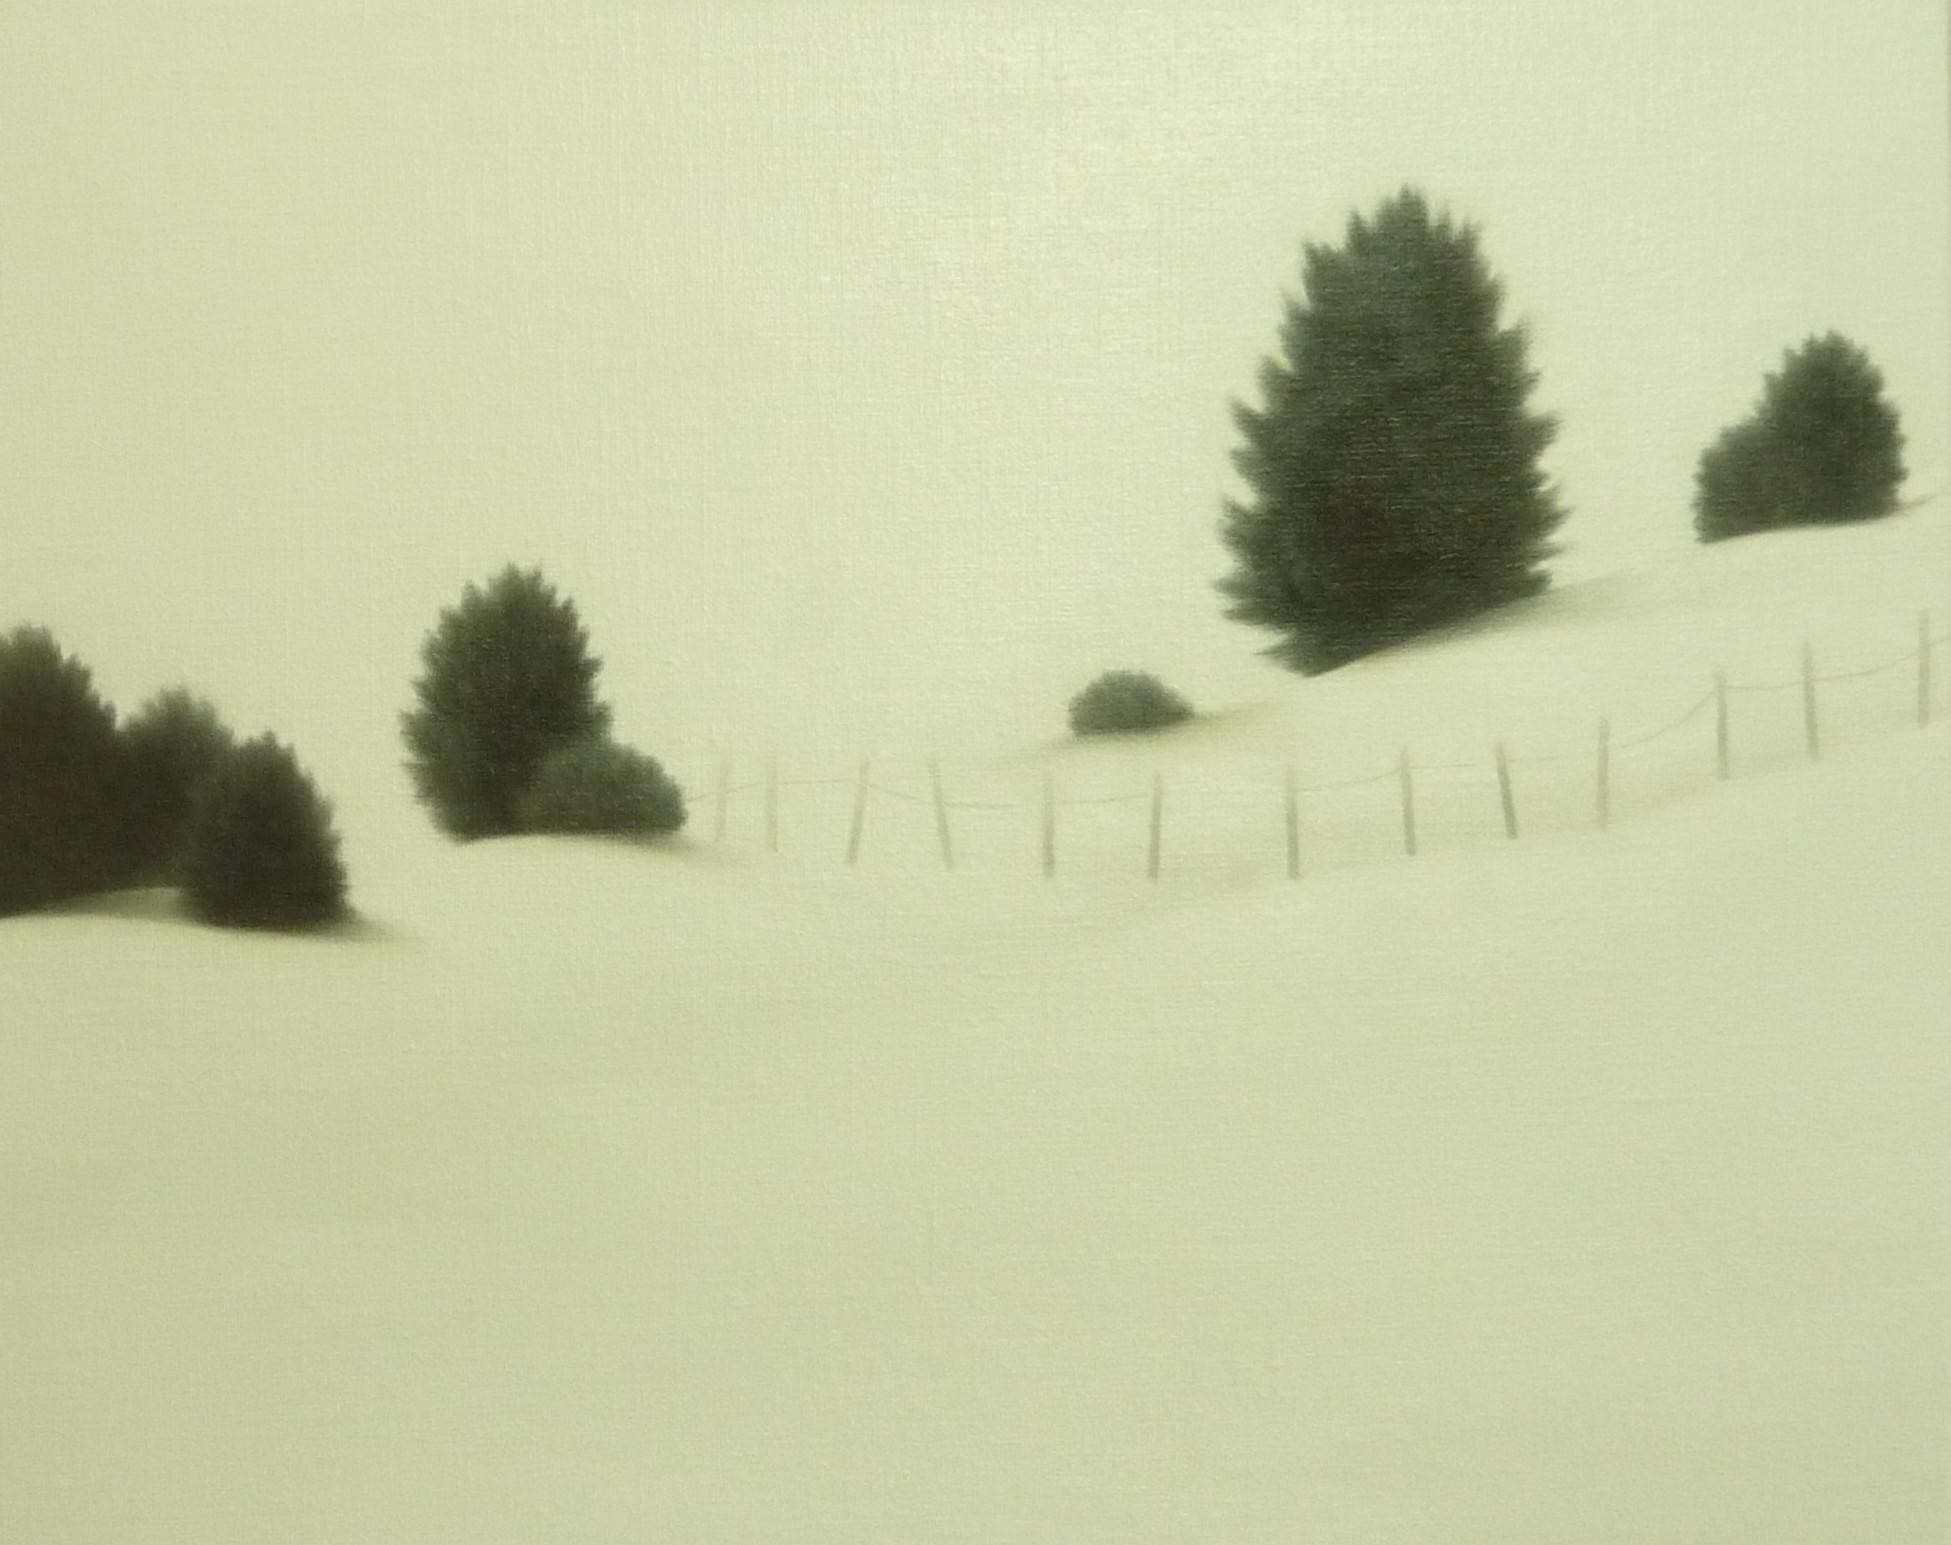 LW091 Winter morning Óleo sobre lienzo 33 x 41 cm. 2016